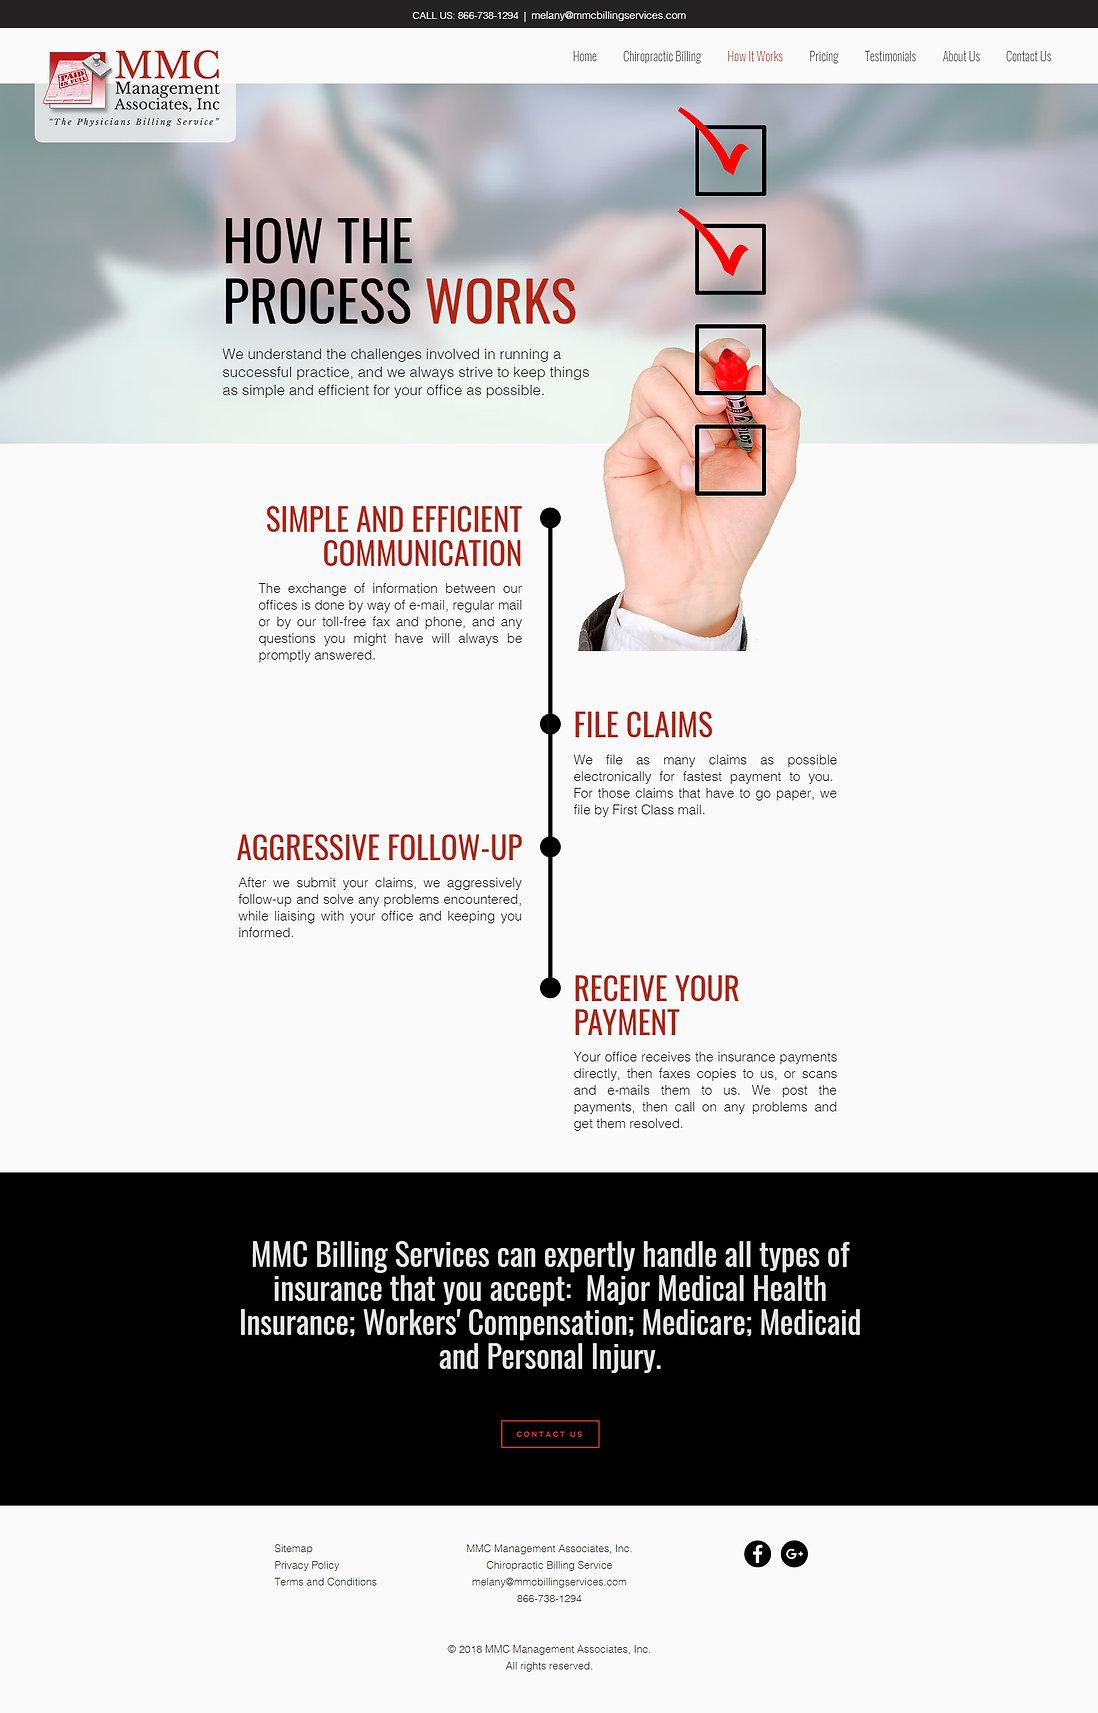 MMC Management Associates, Inc Website Design